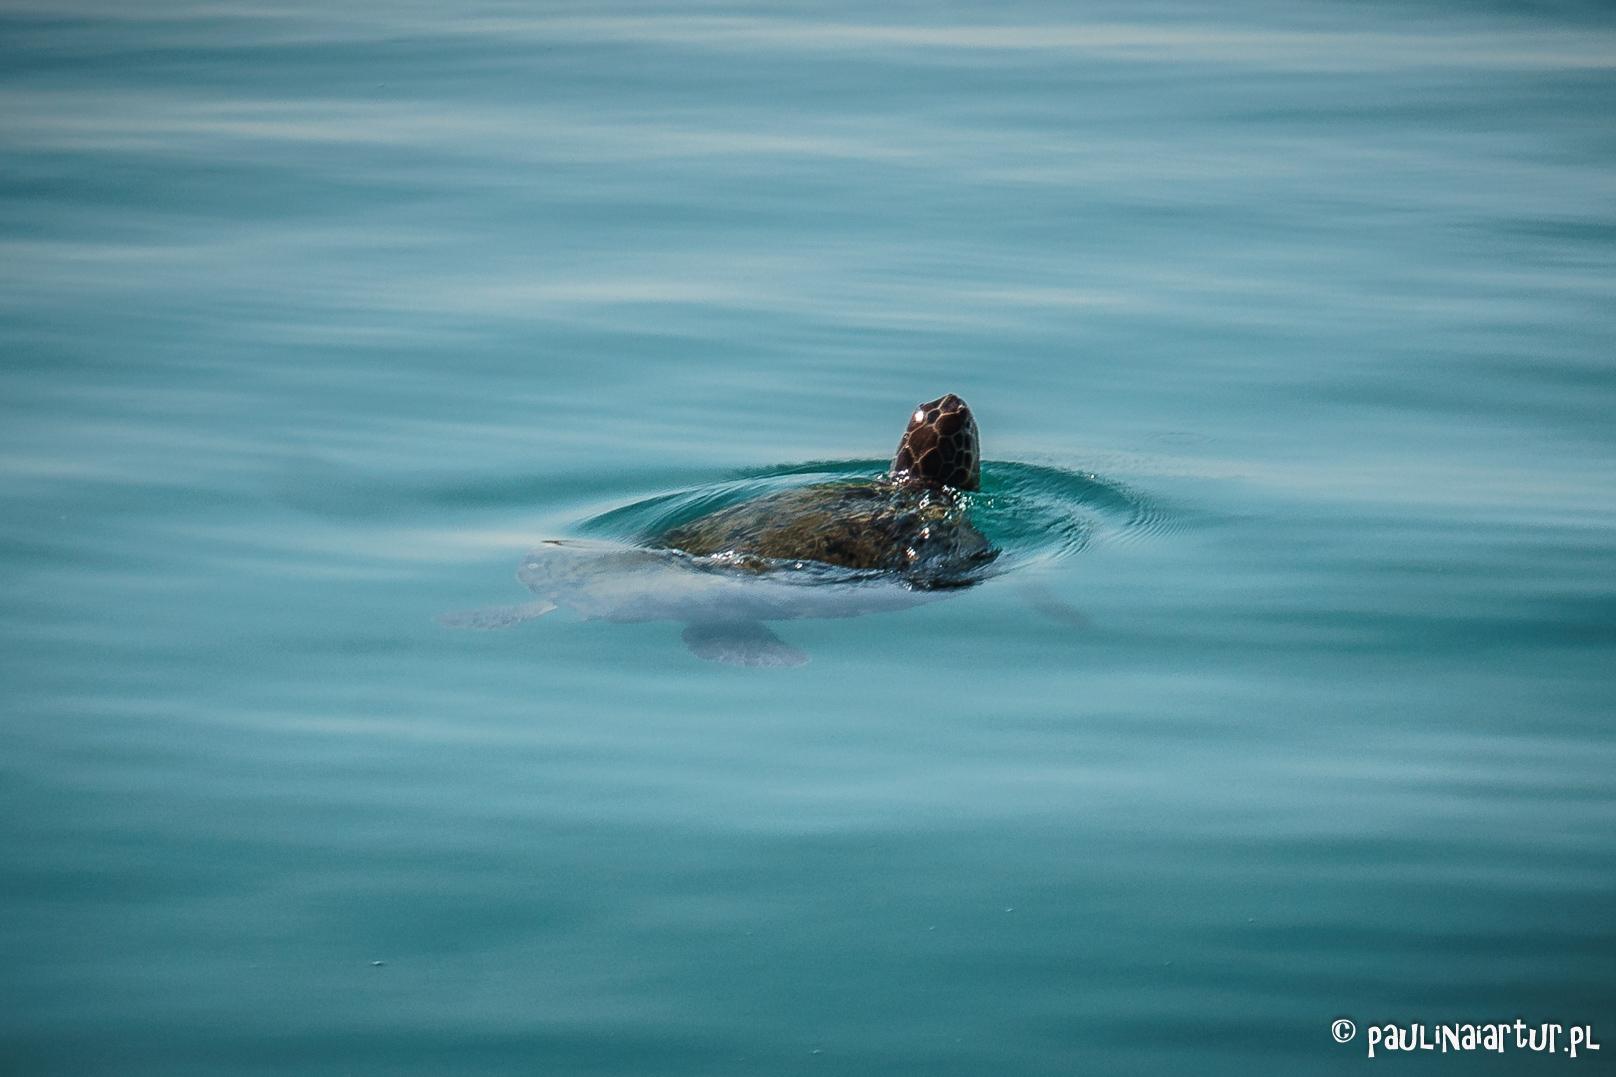 Żółw łapiący powietrze